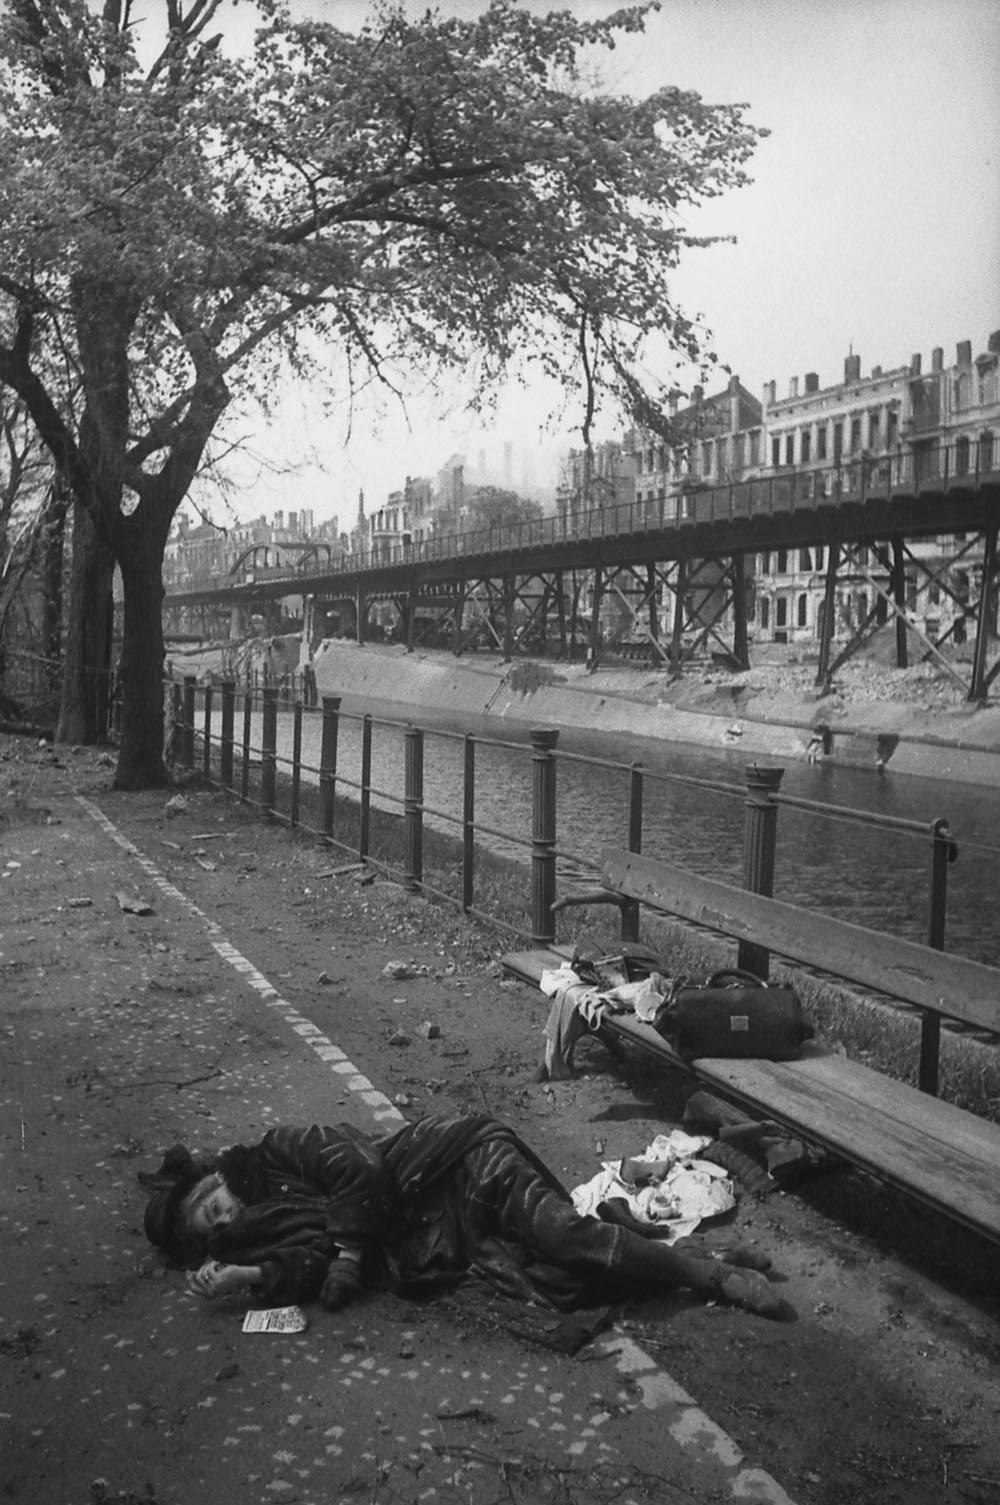 1945. Жительница Берлина, умершая или убитая на набережной.